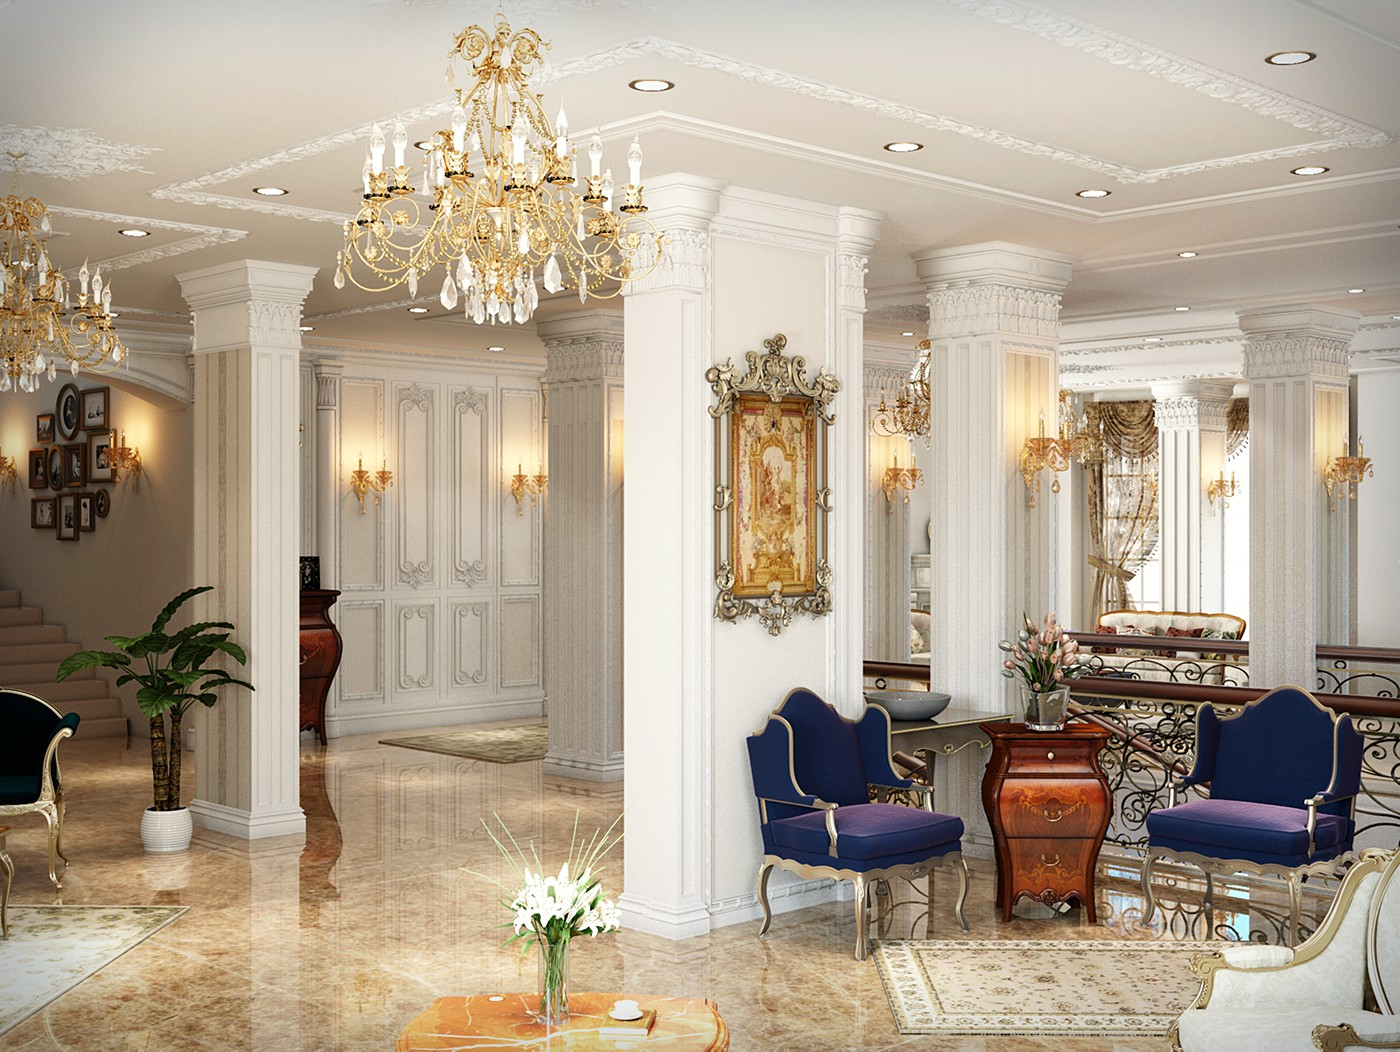 طراحی داخلی ویلا کلاسیک